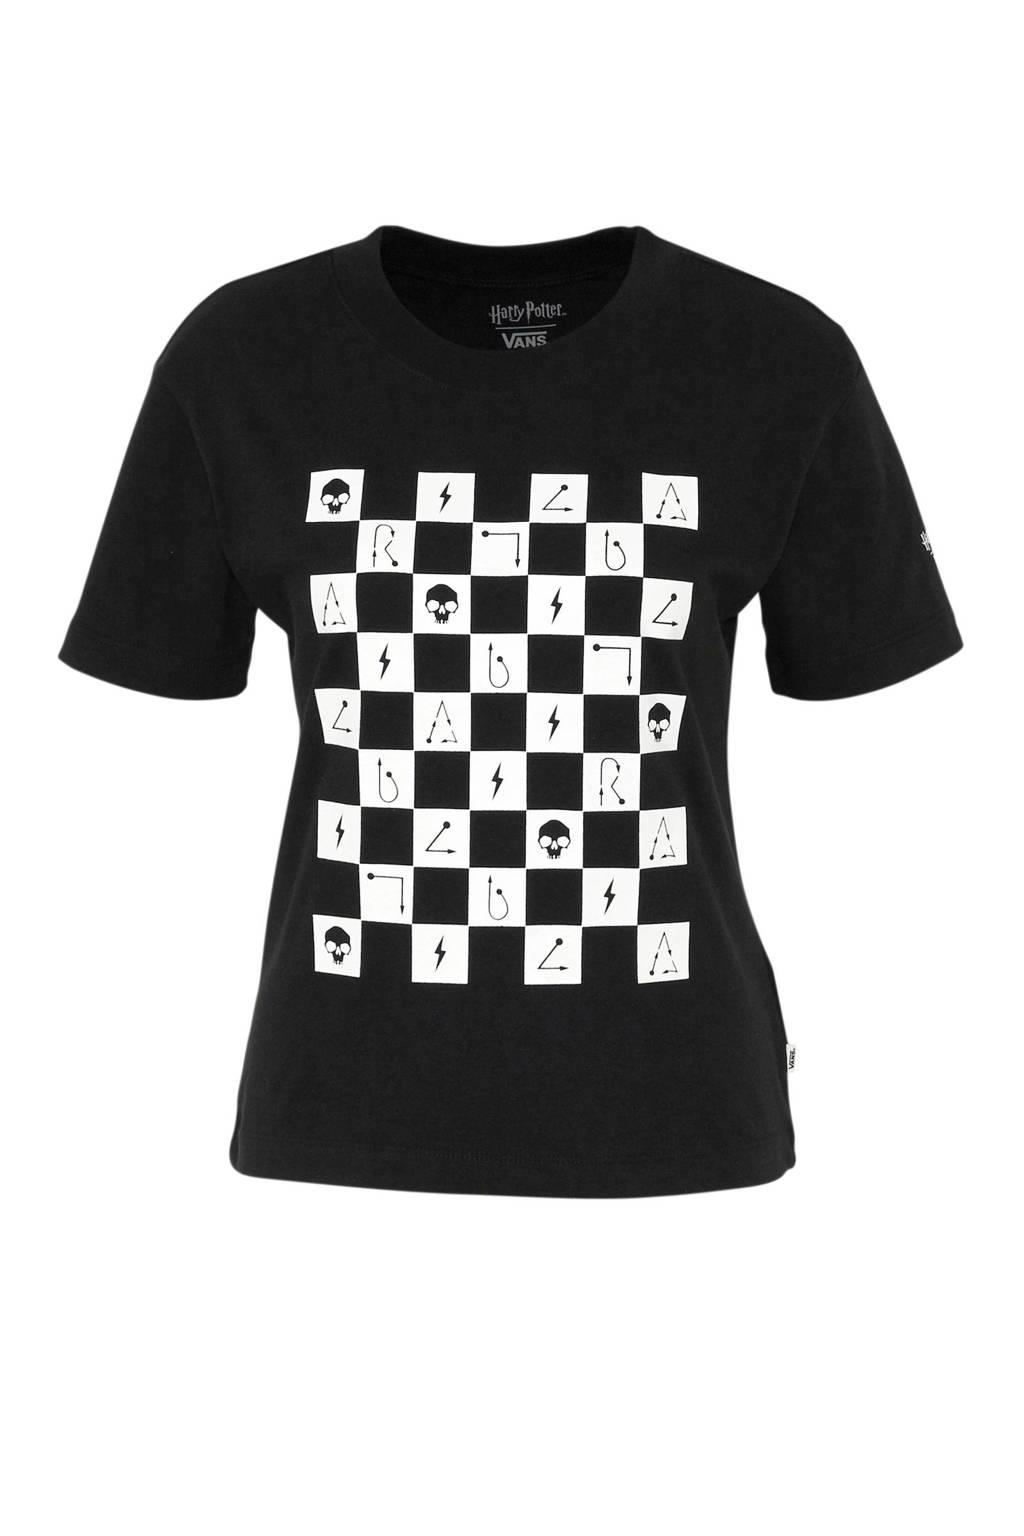 VANS Harry Potter T-shirt met printopdruk zwart/wit, Zwart/wit